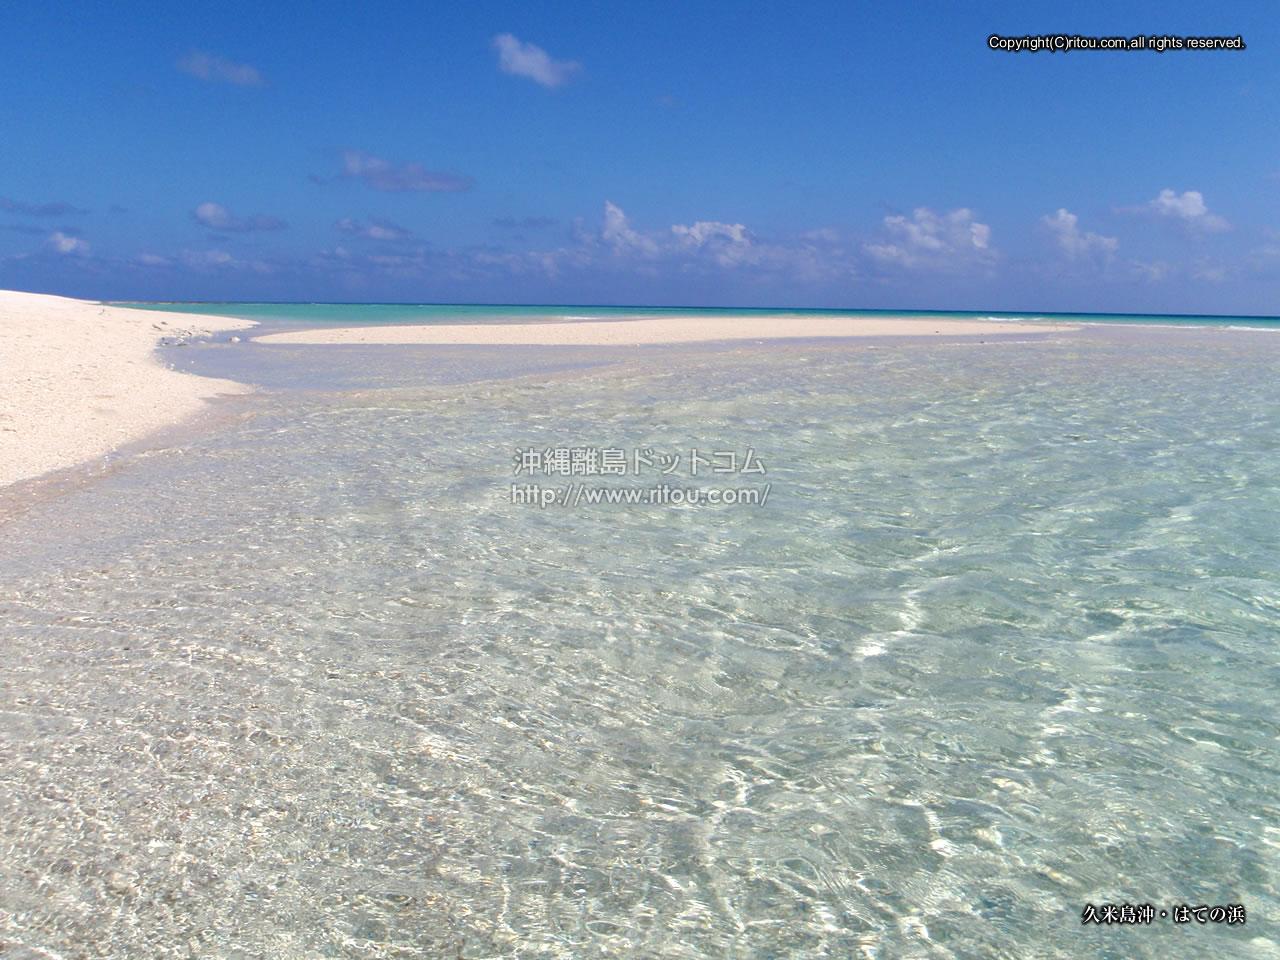 久米島沖・はての浜〜透明な水